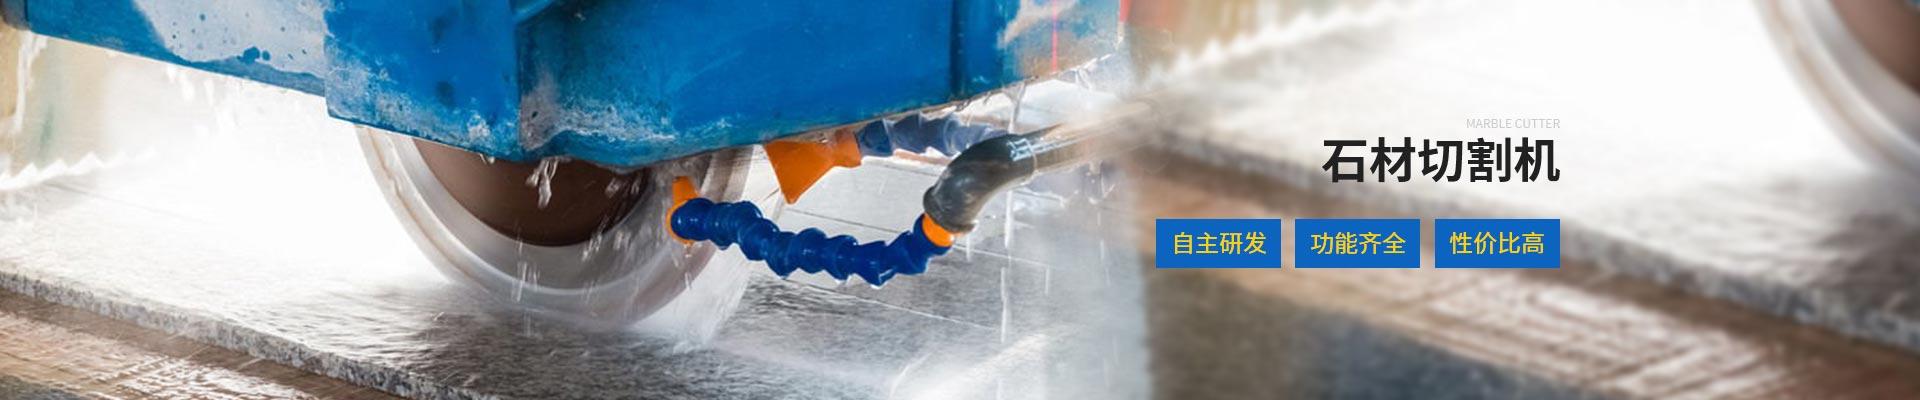 中升石材切割机:自主研发 功能齐全 性价比高